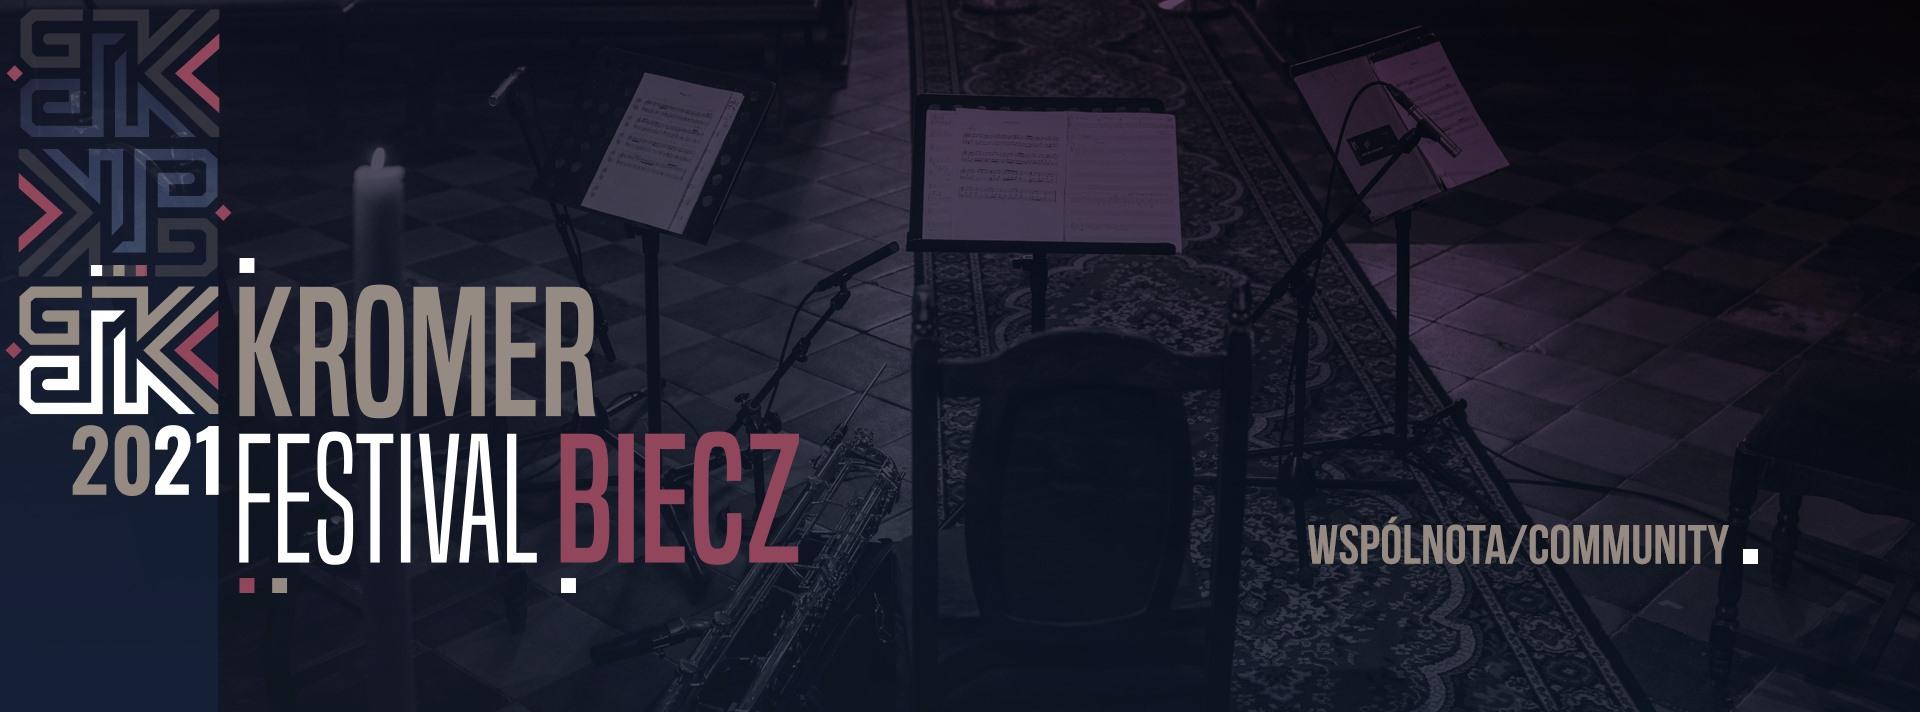 kromer-festival-biecz-2021_grafika.jpeg